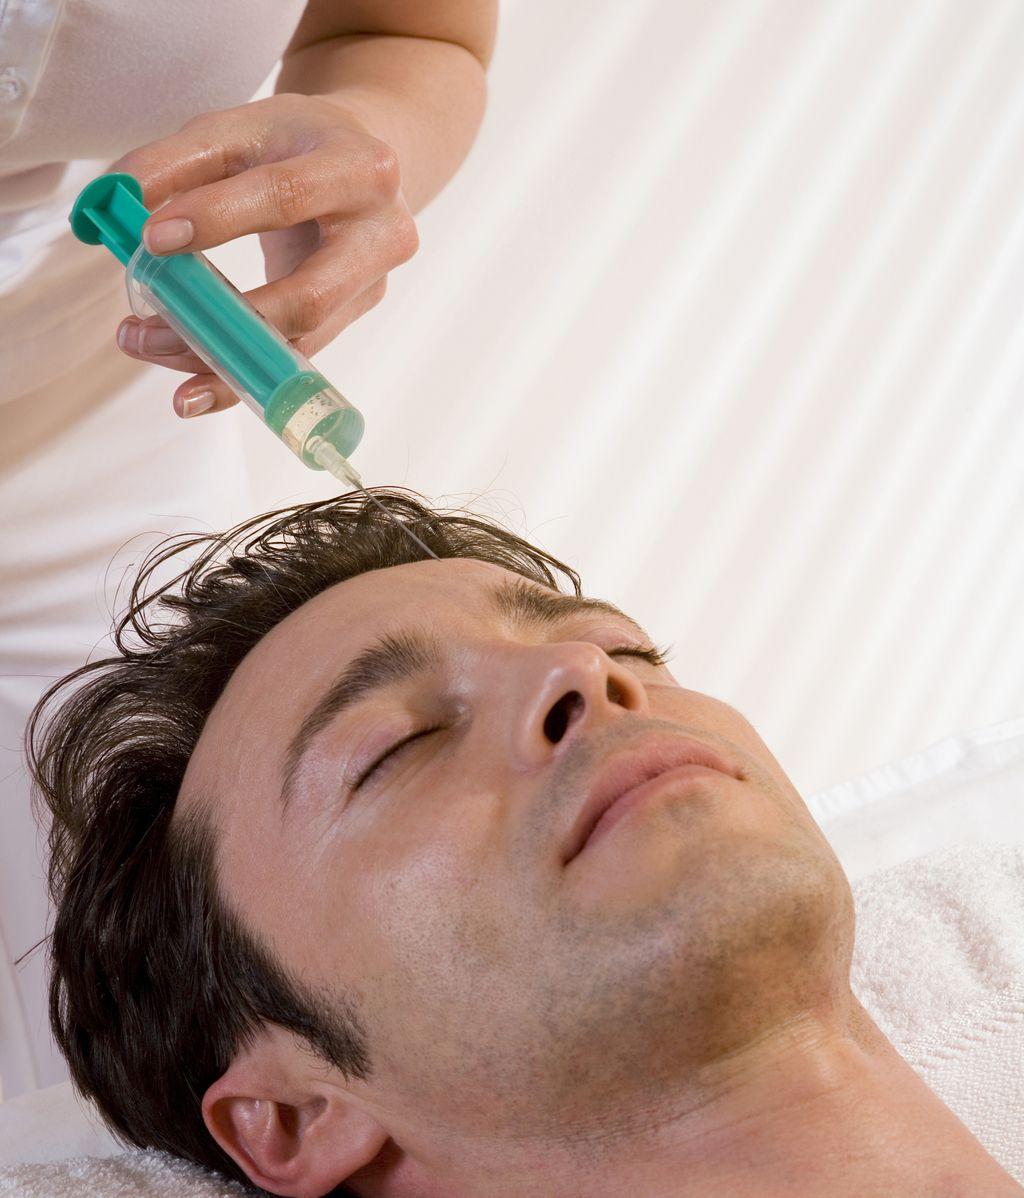 La medicina estética, una cura contra el paro en España